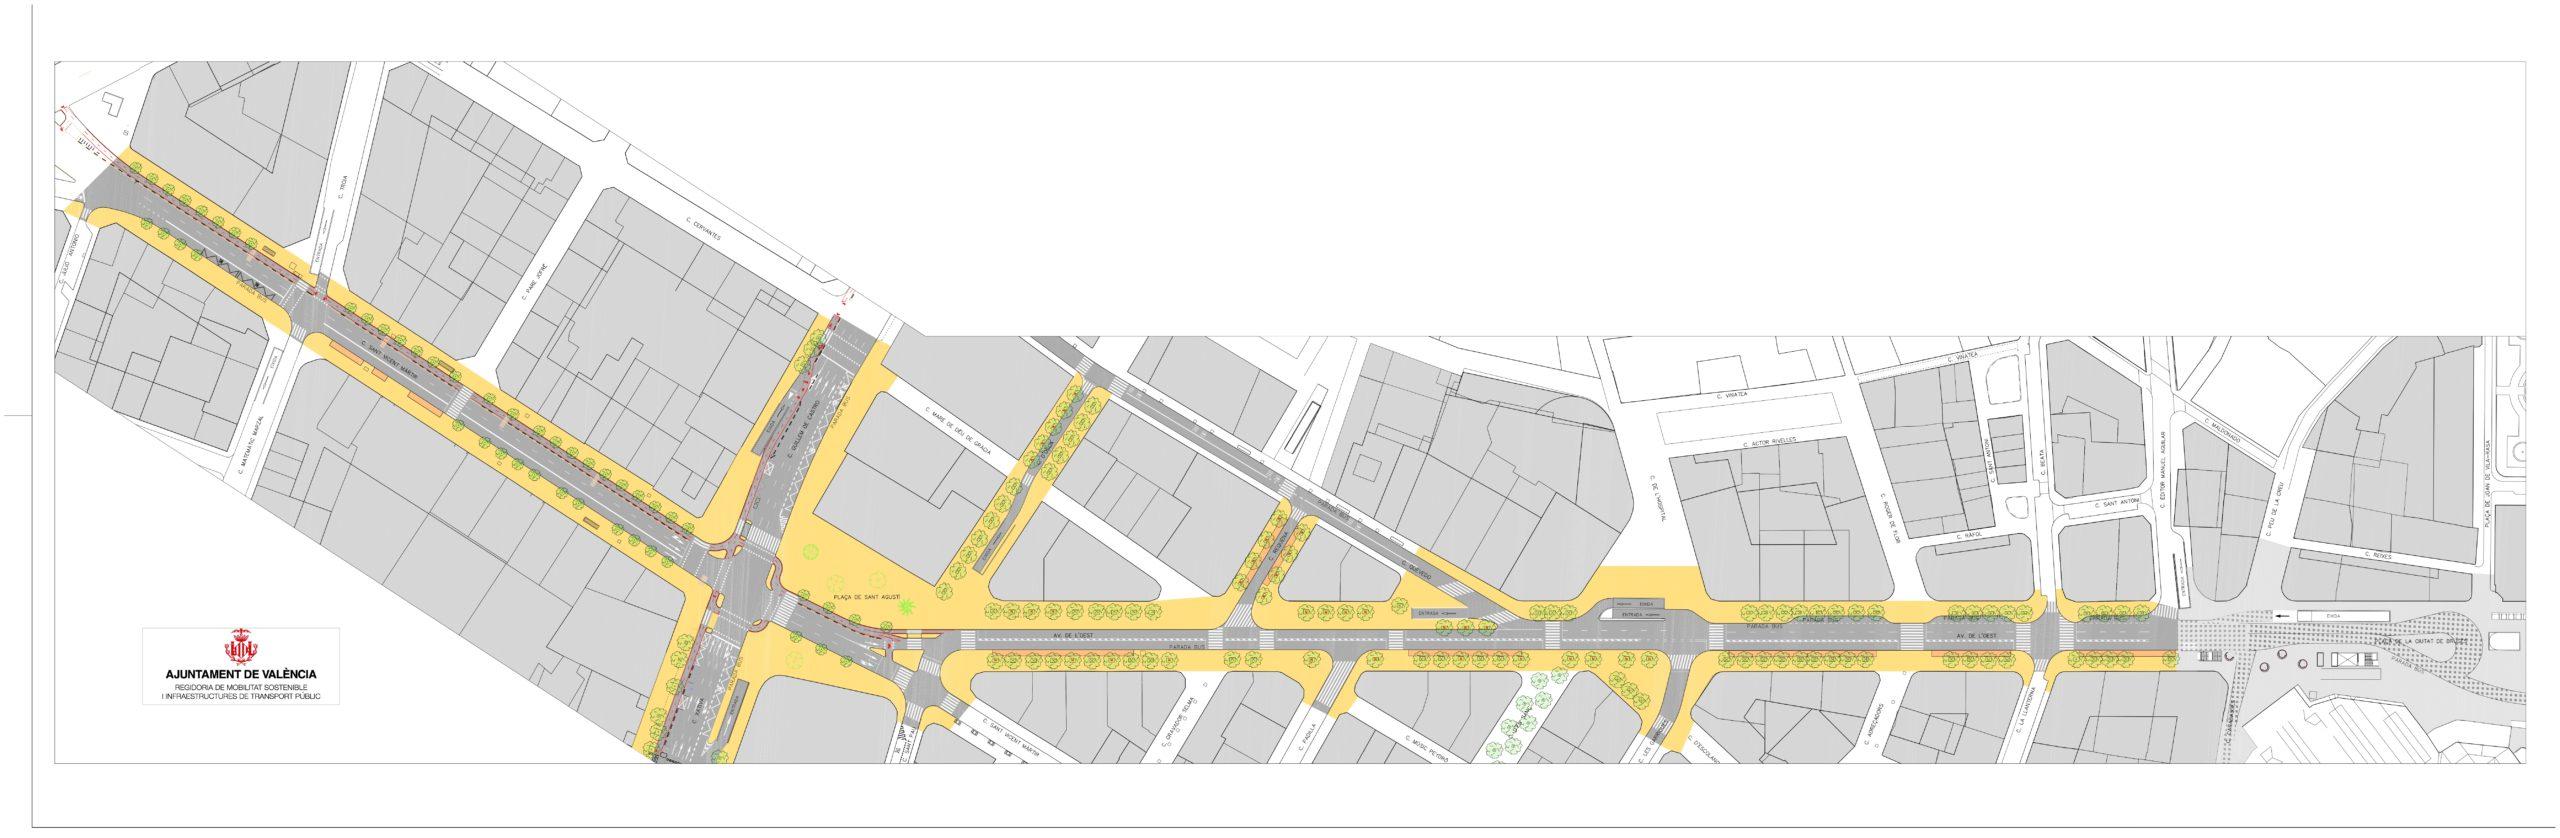 El concejal de Movilidad Sostenible, Giuseppe Grezzi, ha anunciado la esta mañana la elaboración de un plan específico que recoja y unifique los criterios de actuación en Ciutat Vella. El edil ha presentado la planta viaria proyectada para el eje urbano avenida de l'Oest-Sant Agustí- Plaça d'Espanya, que permitirá ampliar en más de 4.000 metros cuadrados los espacios para uso peatonal. Tanto el proyecto para el eje de la avenida del Oeste como las actuaciones precedentes que se han desarrollado e impulsado desde el pasado mandato (la entrada en vigor del límite de velocidad 30Km/h, la apertura de la plaza del Ayuntamiento a la ciudadanía cada último domingo de mes, la actuación en la calle Serranos y su entorno, el proyecto de peatonalización de la plaza del Ayuntamiento, o la transformación del entorno de La Lonja…), «todo son actuaciones integrales de un mismo proyecto transformación urbana», ha asegurado el concejal, «un programa específico que se basa en la humanización de las plazas y en la recuperación del espacio peatonal». Tal como ha asegurado Grezzi, «en el mandato 2015-2019 ya conseguimos recuperar más de 33.000 metros cuadrados para uso ciudadano, pero podemos asegurar que este nuevo mandato va a ser el de la movilidad peatonal, el mandato de las personas que caminan, para que sea cada vez más seguro, más accesible y más amable, y consigamos una ciudad más humana y más eficiente». «Para ello, desde el Ayuntamiento se elaborará un plan del centro de València (todavía sin nombre específico) que desarrolle todas las líneas estratégicas y las actuaciones de humanización del centro de la ciudad y de las plazas y la recuperación del espacio peatonal», ha explicado el edil. Giuseppe Grezzi ha estado acompañado en el encuentro con periodistas por la jefa del Servicio de Movilidad Sostenible, Ruth López, quien ha sido la encargada de detallar todas las características de la actuación en la avenida del Oeste. Se trata de un proyecto transversal que enlaza con las 